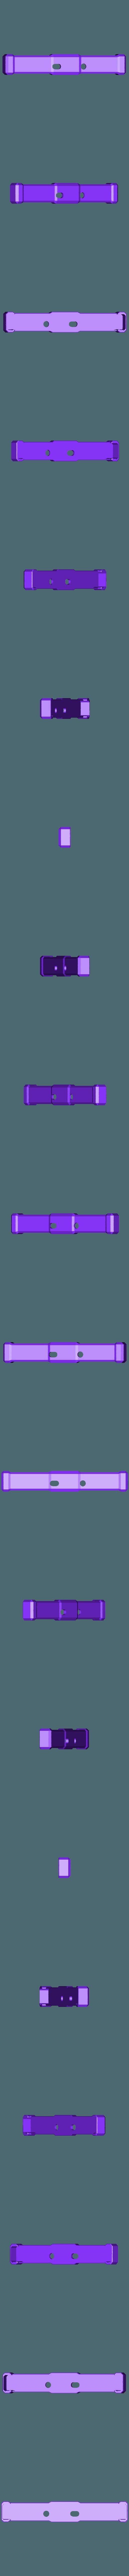 top.stl Télécharger fichier STL gratuit Samsung Galaxy Note 10+ Couverture pour usage intensif • Design pour imprimante 3D, MatsErik